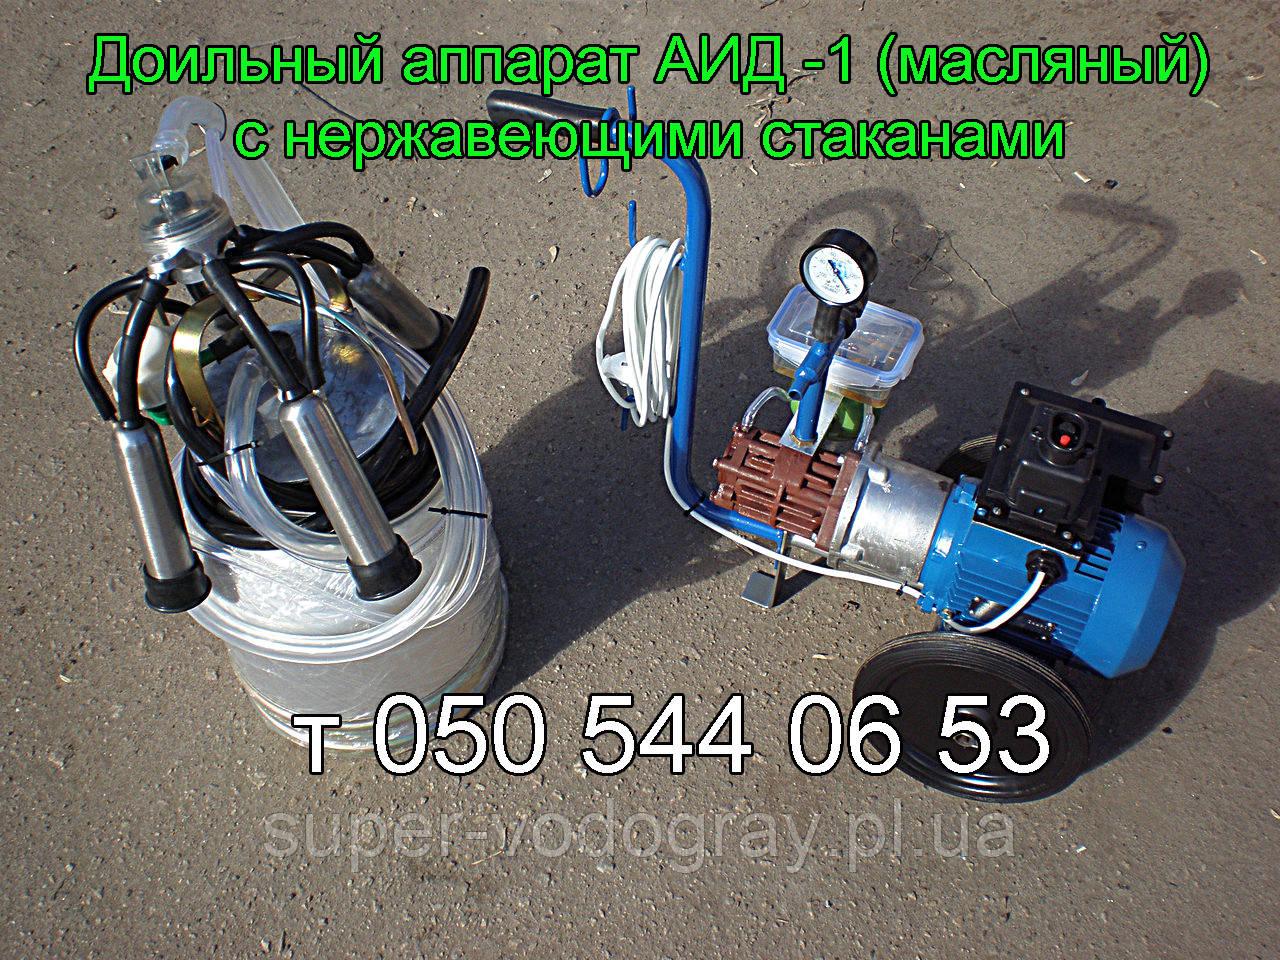 Доильный аппарат АИД-1 (масляный) с нержавеющими стаканами